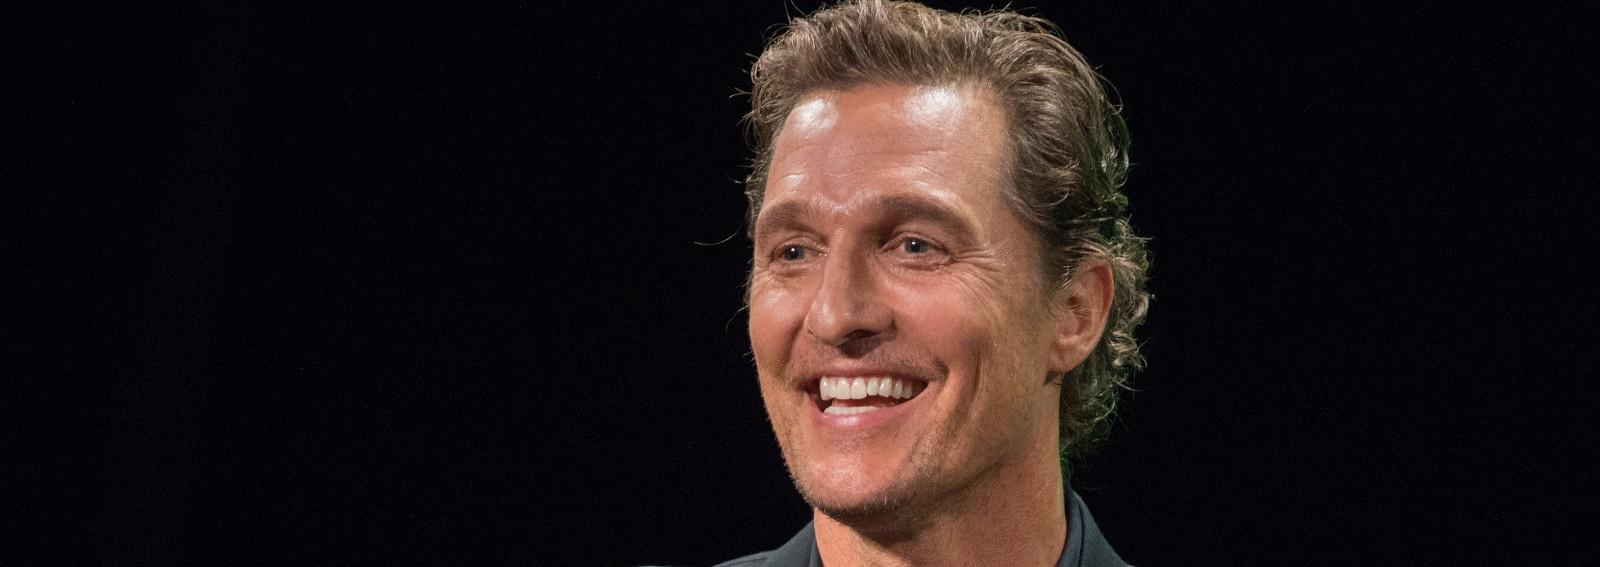 Matthew McConaughey hero